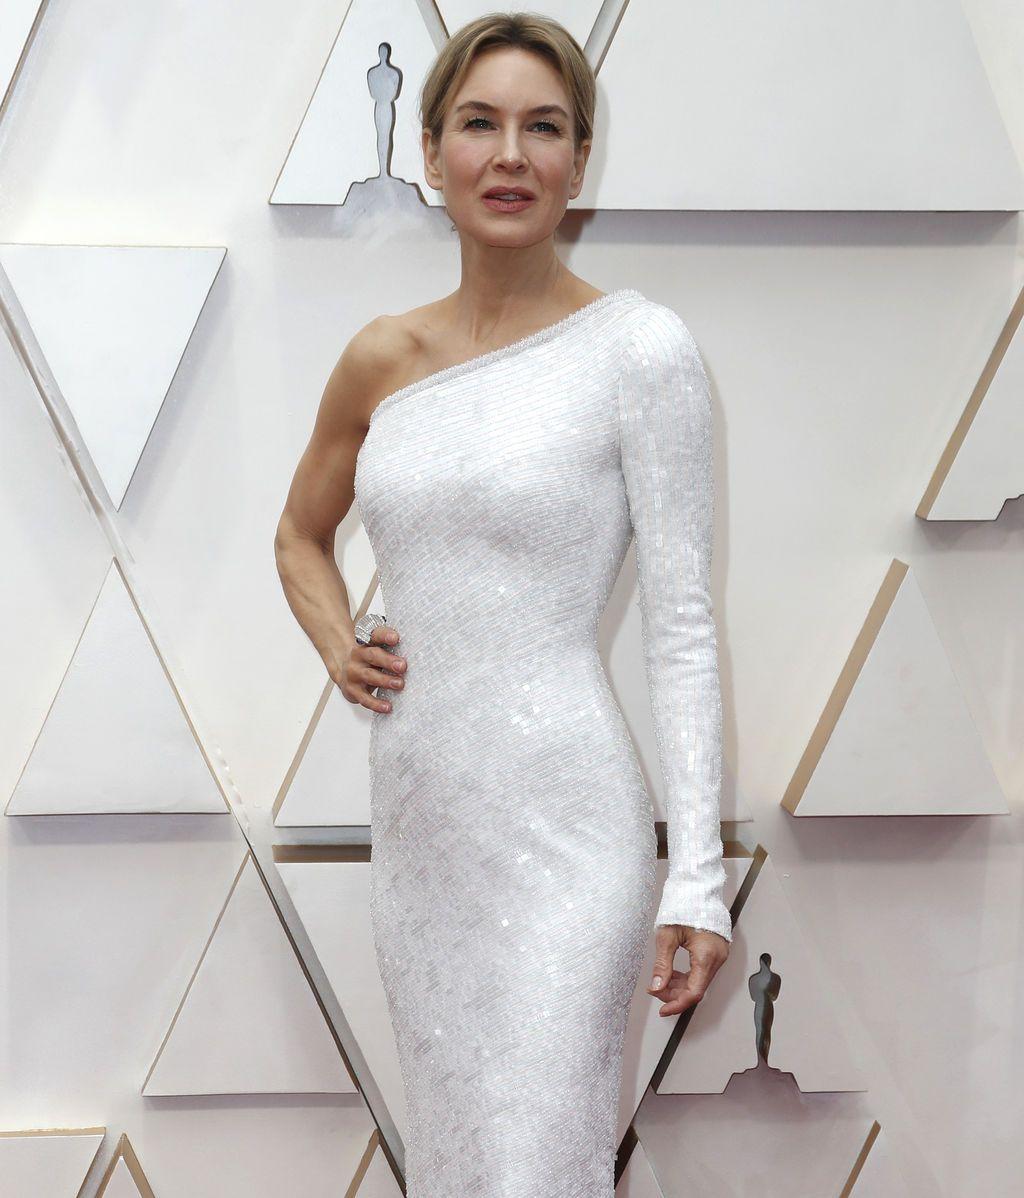 Renee Zellweger posa en la alfombra roja de los Premios Óscar 2020